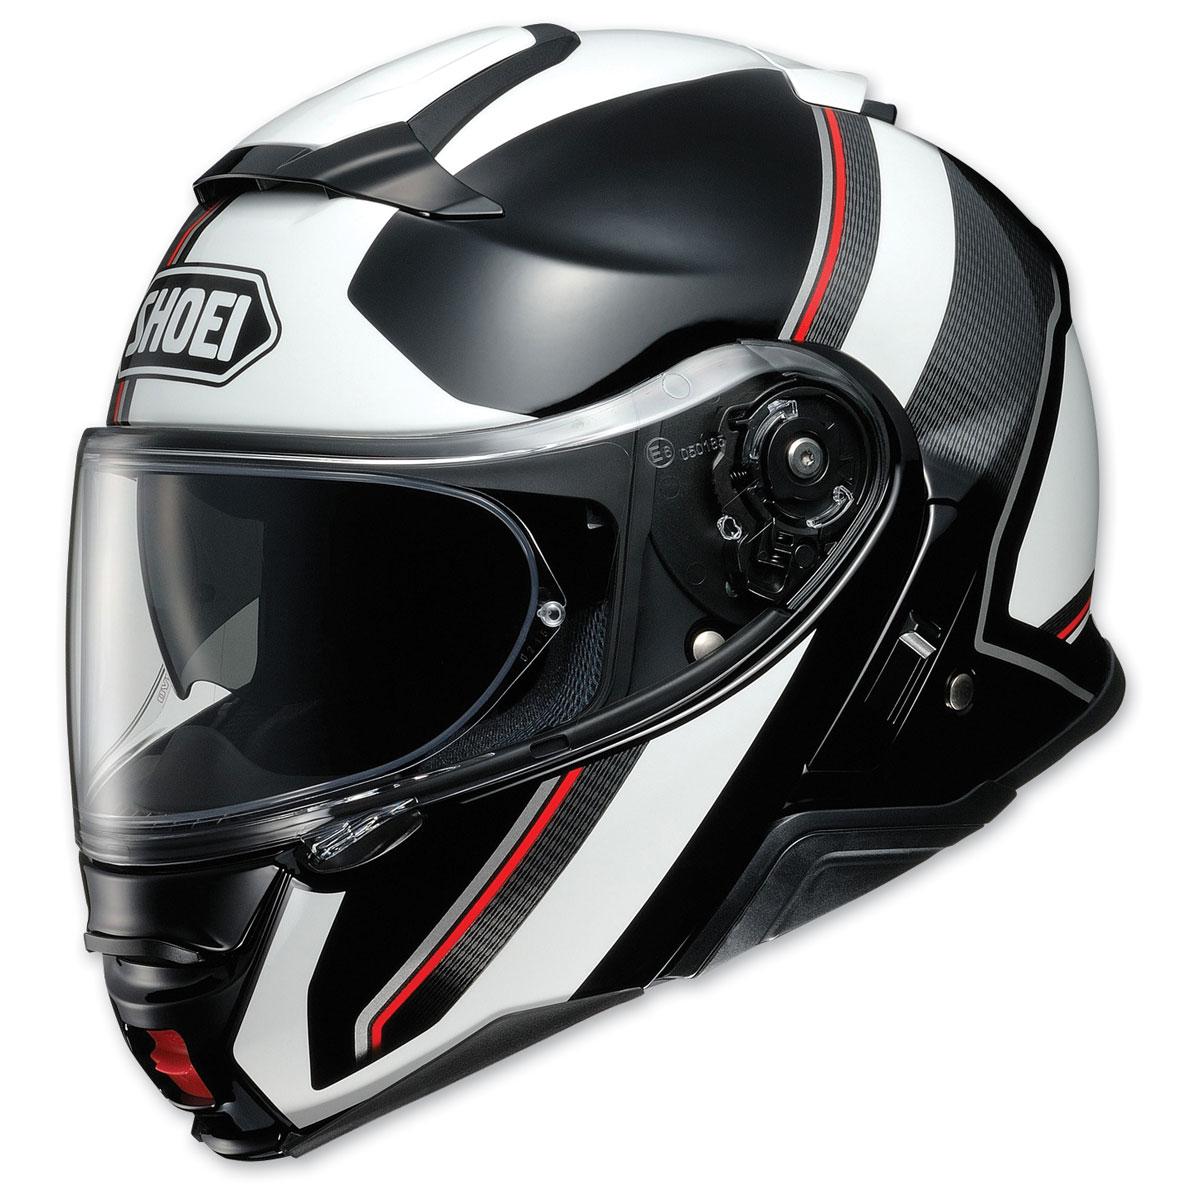 Shoei Neotec II Excursion Black/White Modular Helmet